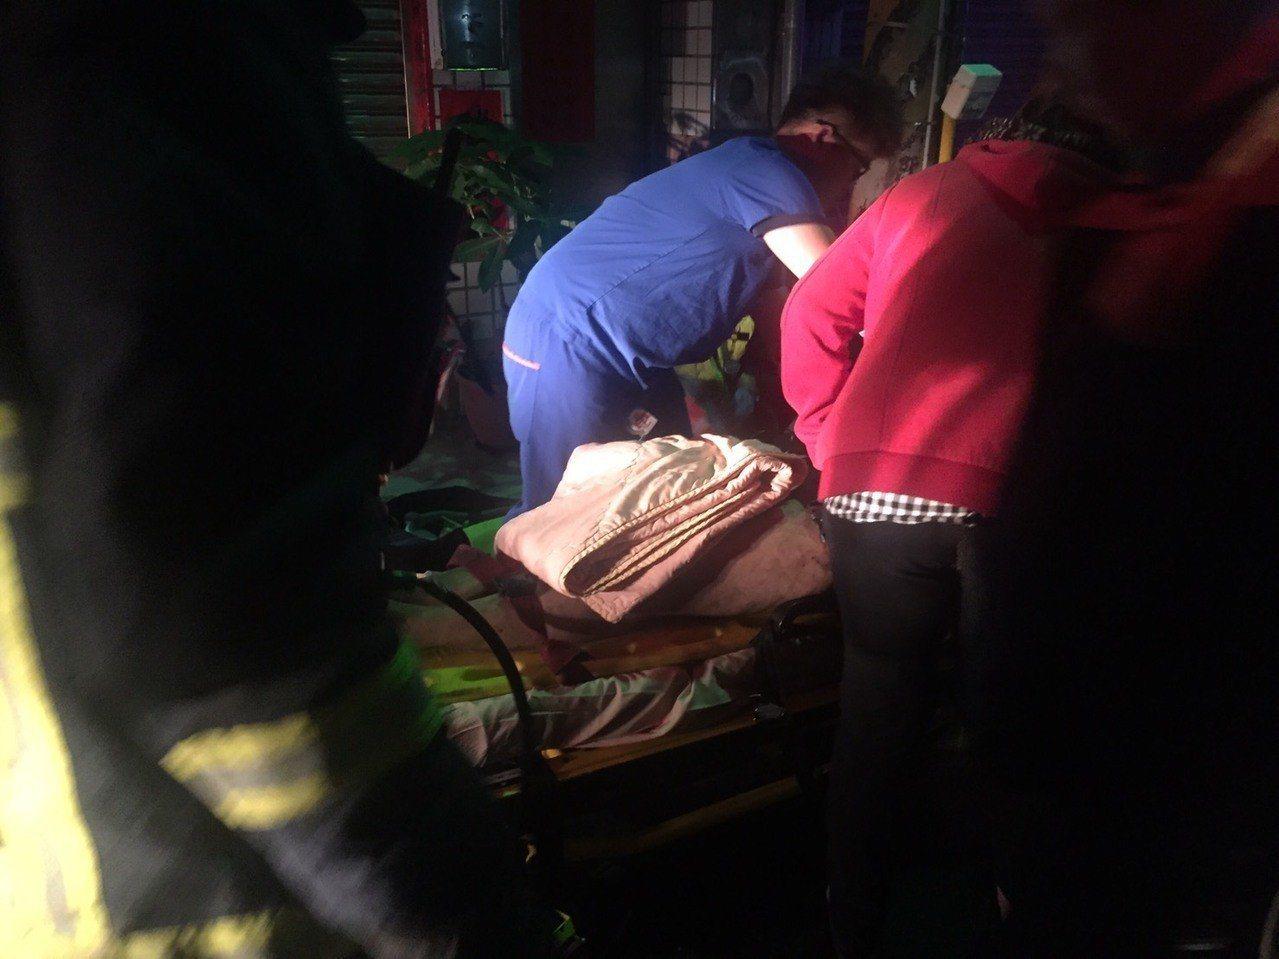 台中市清水區民宅今天凌晨火警,夫妻死亡 3名小孩急救。記者游振昇/翻攝